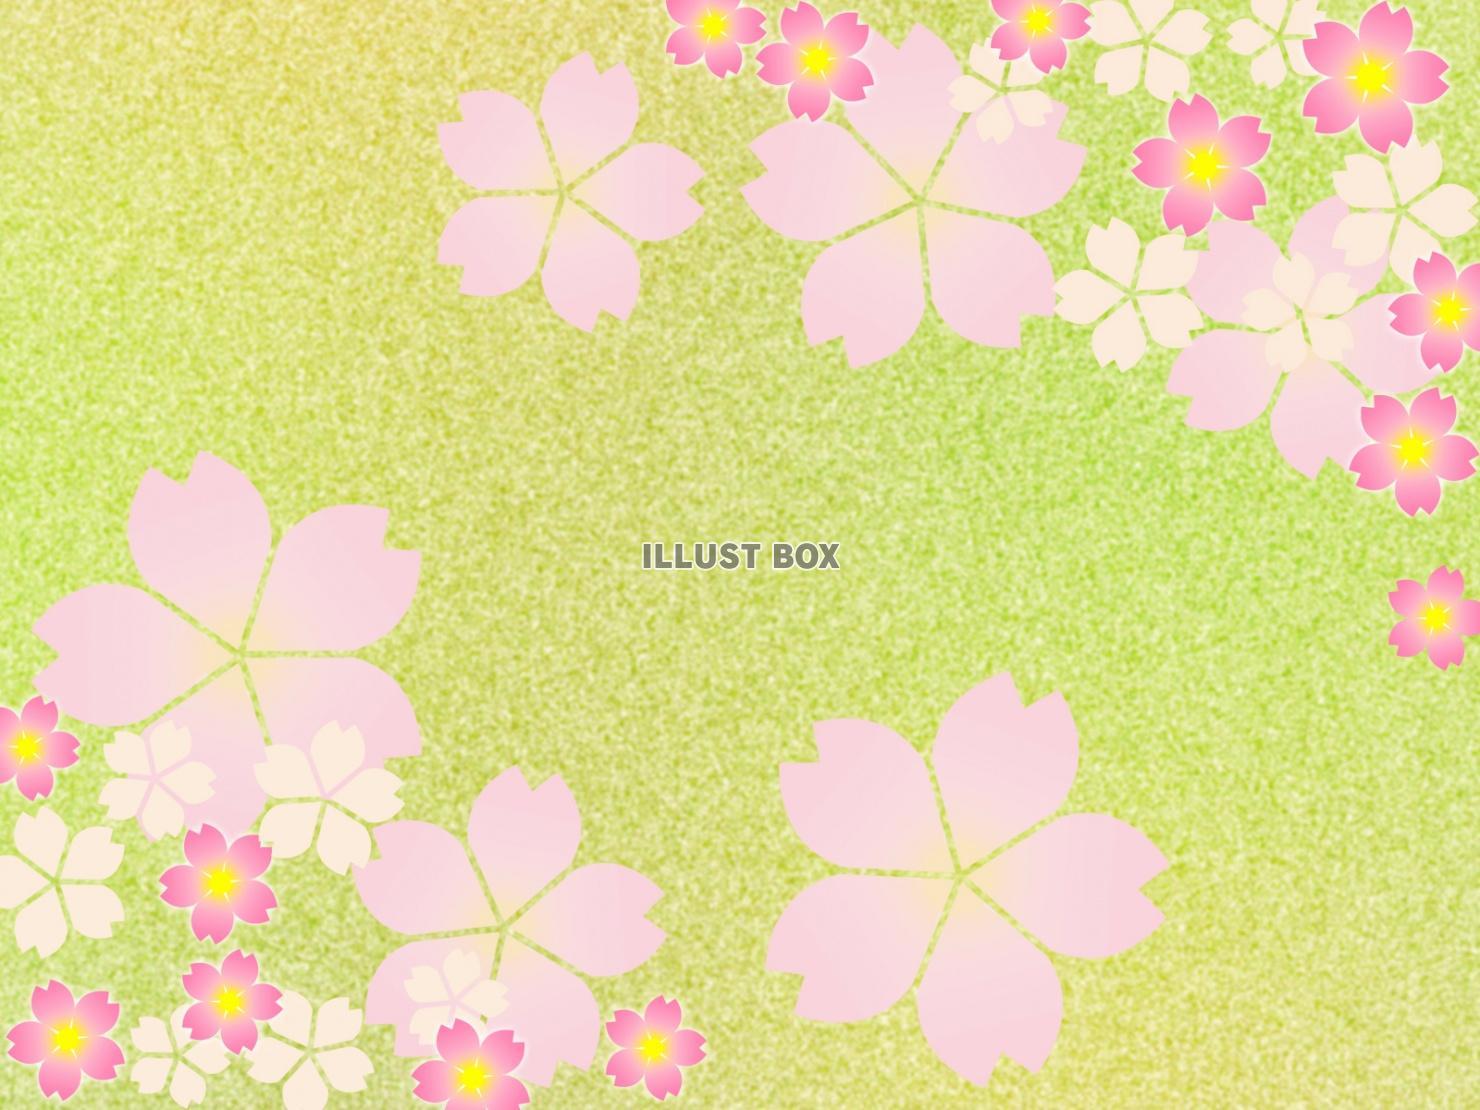 無料イラスト 桜の花の壁紙イラスト和風柄の背景素材